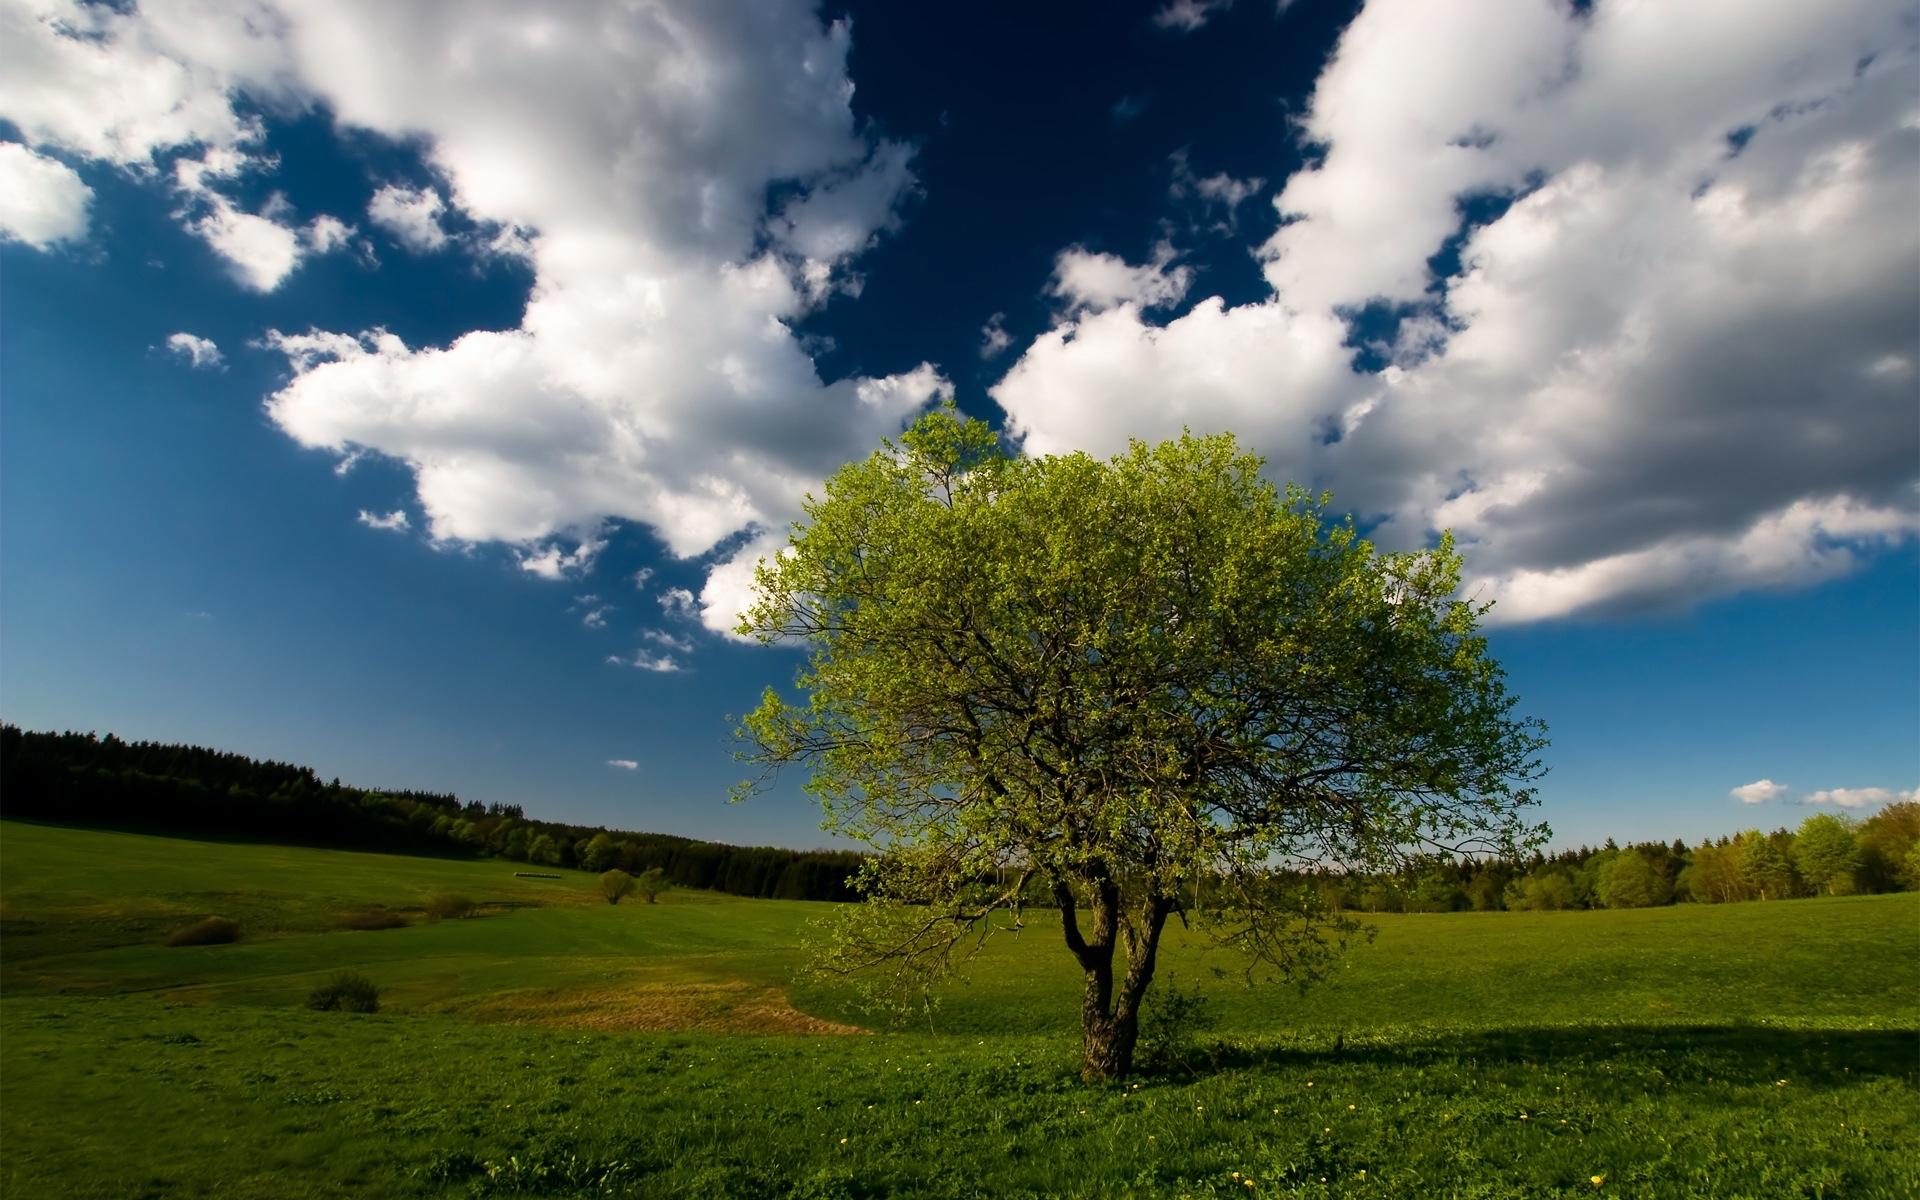 25851 скачать обои Пейзаж, Деревья, Поля, Небо, Облака - заставки и картинки бесплатно